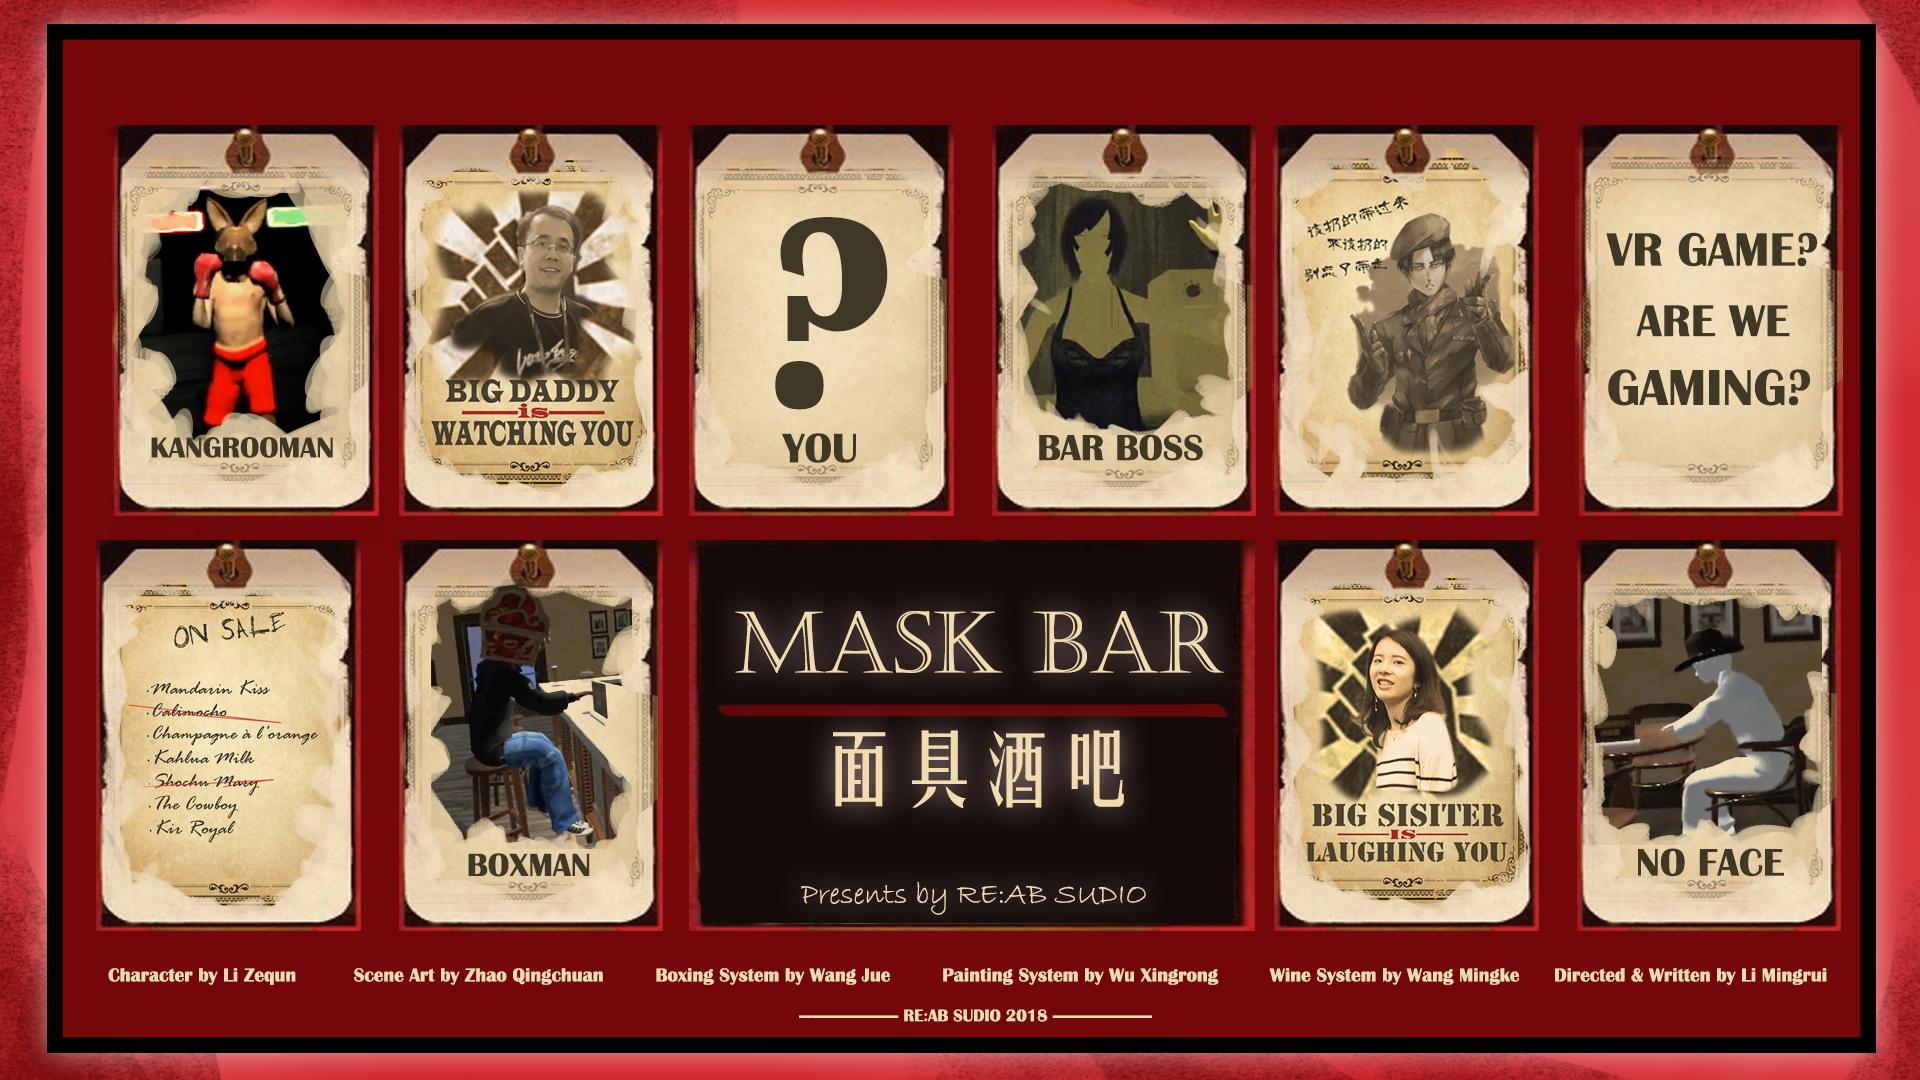 Mask Bar